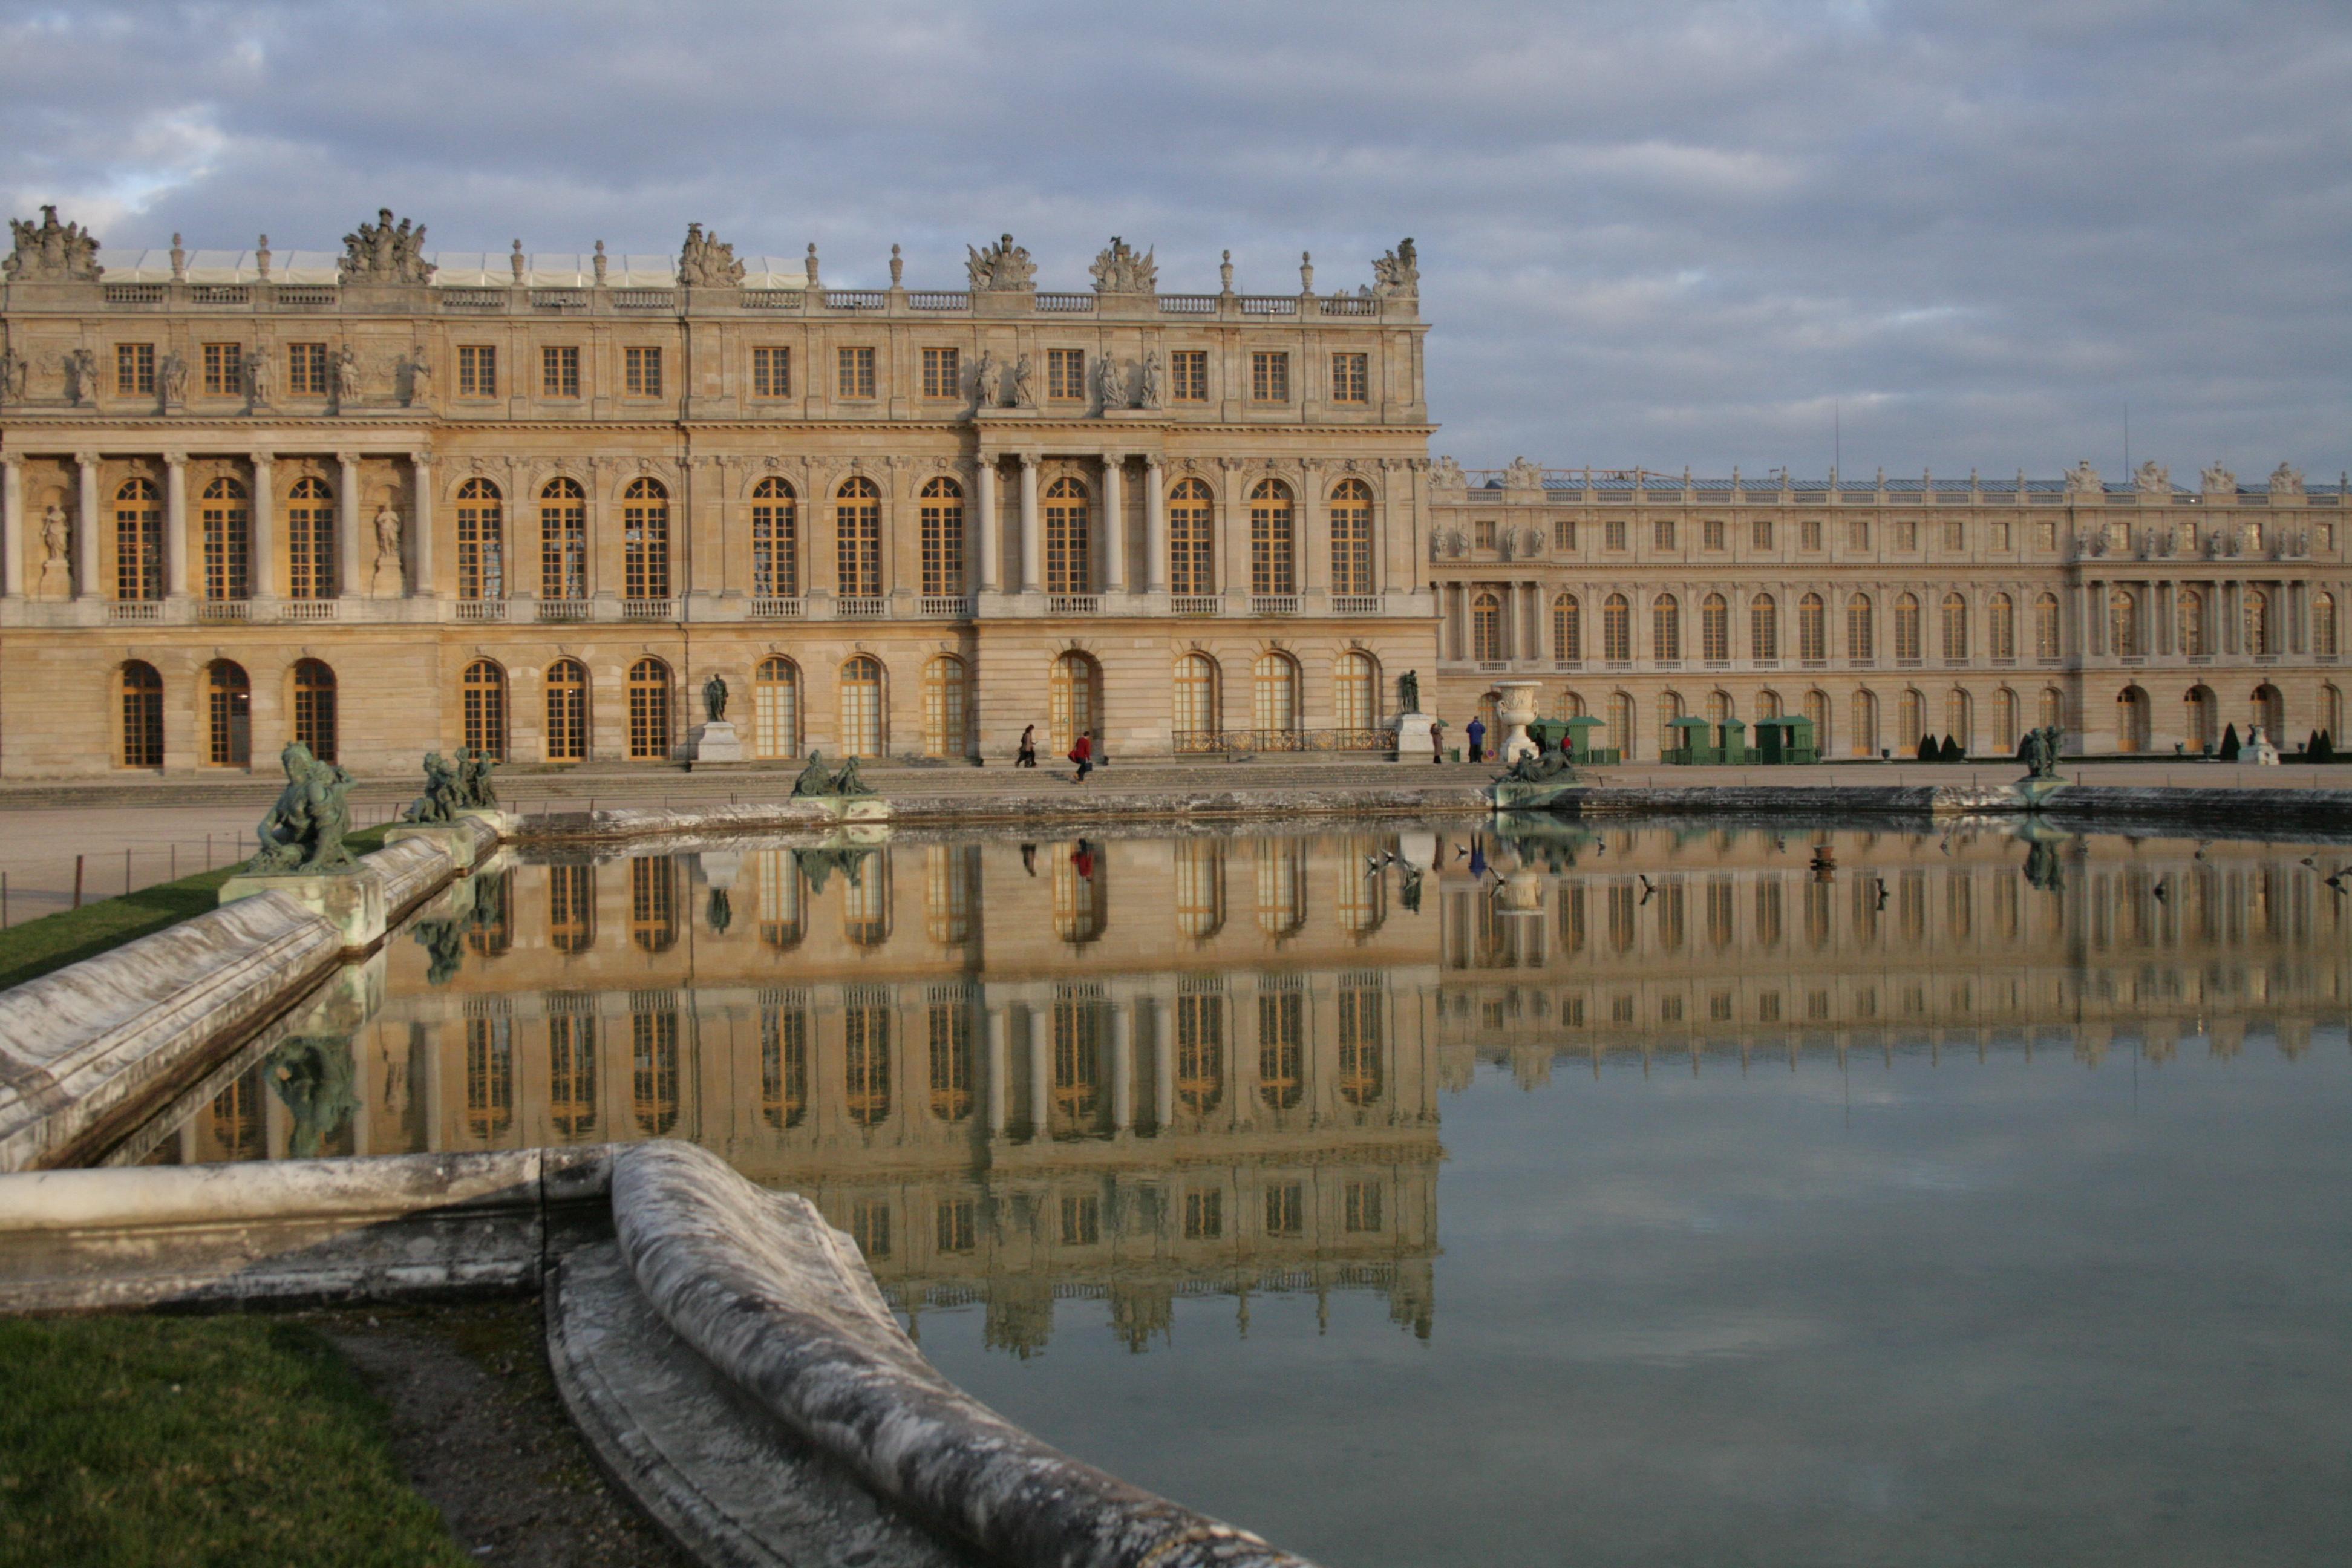 Chateau de versailles day trip from paris france escape with style - Photo chateau de versailles ...